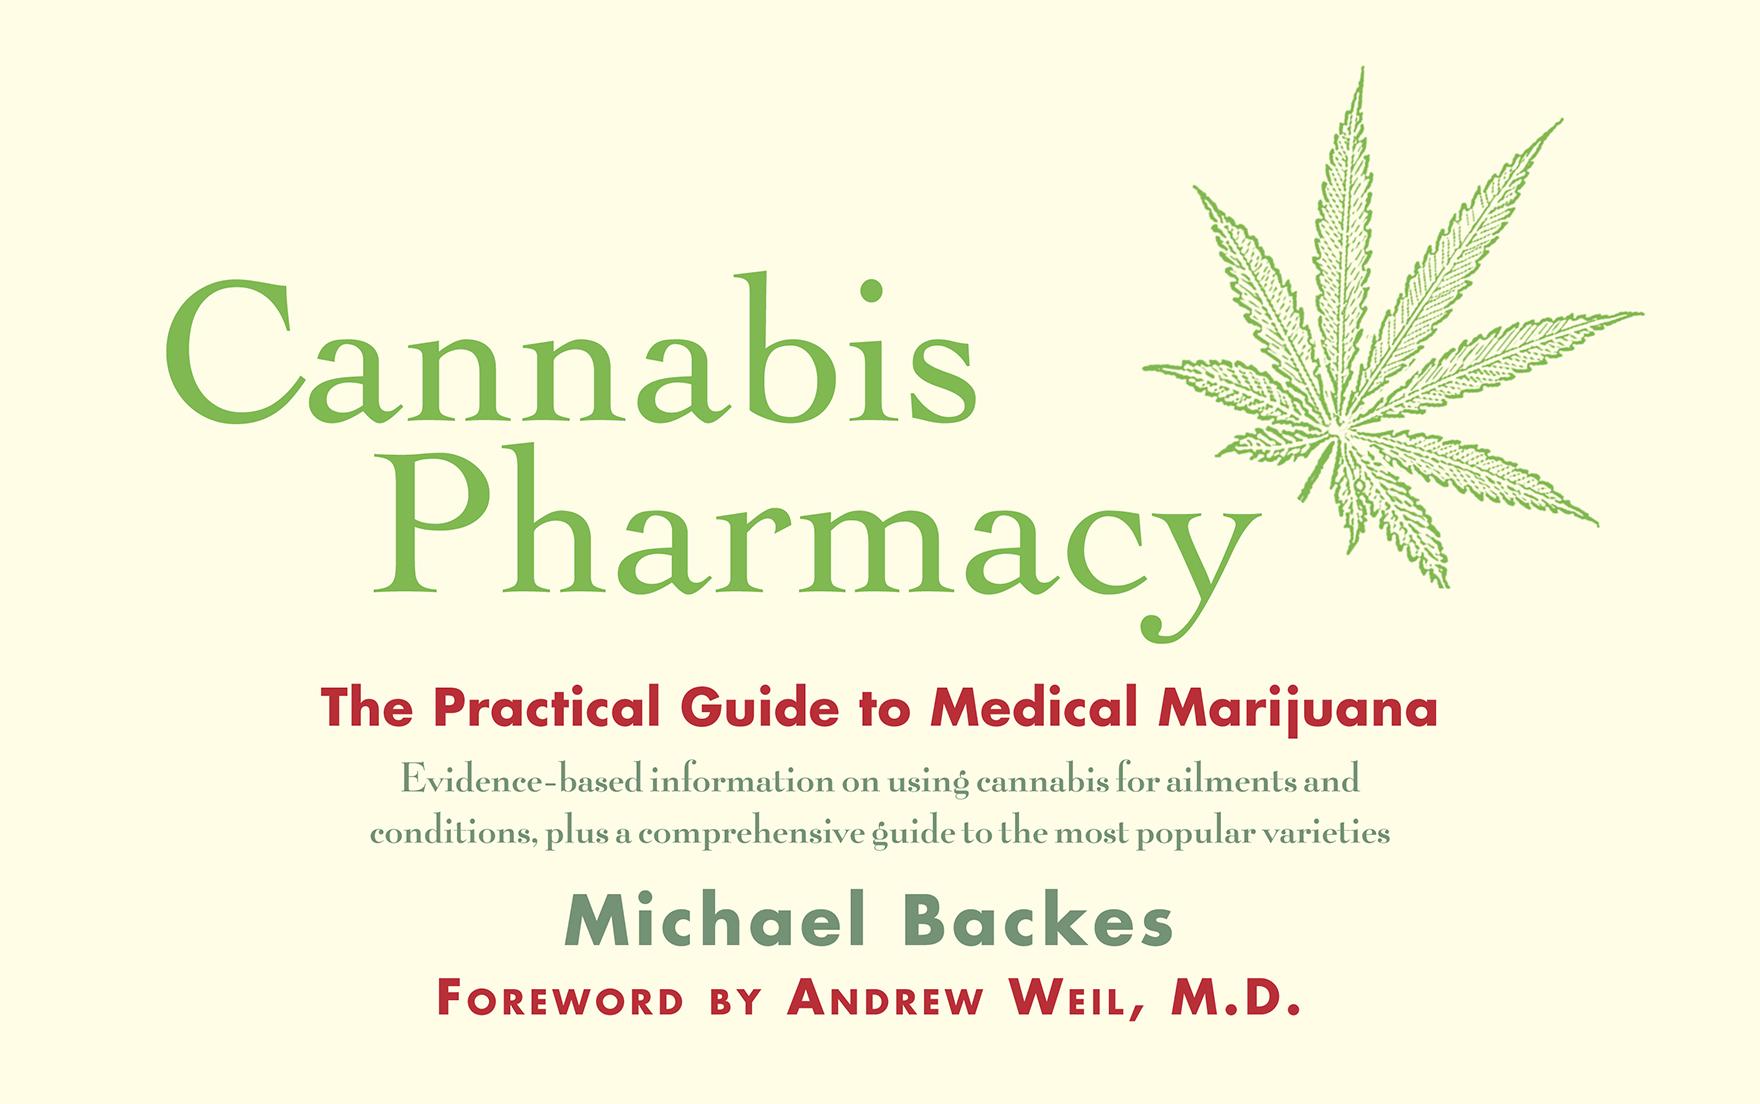 15 Must-Read Cannabis Books